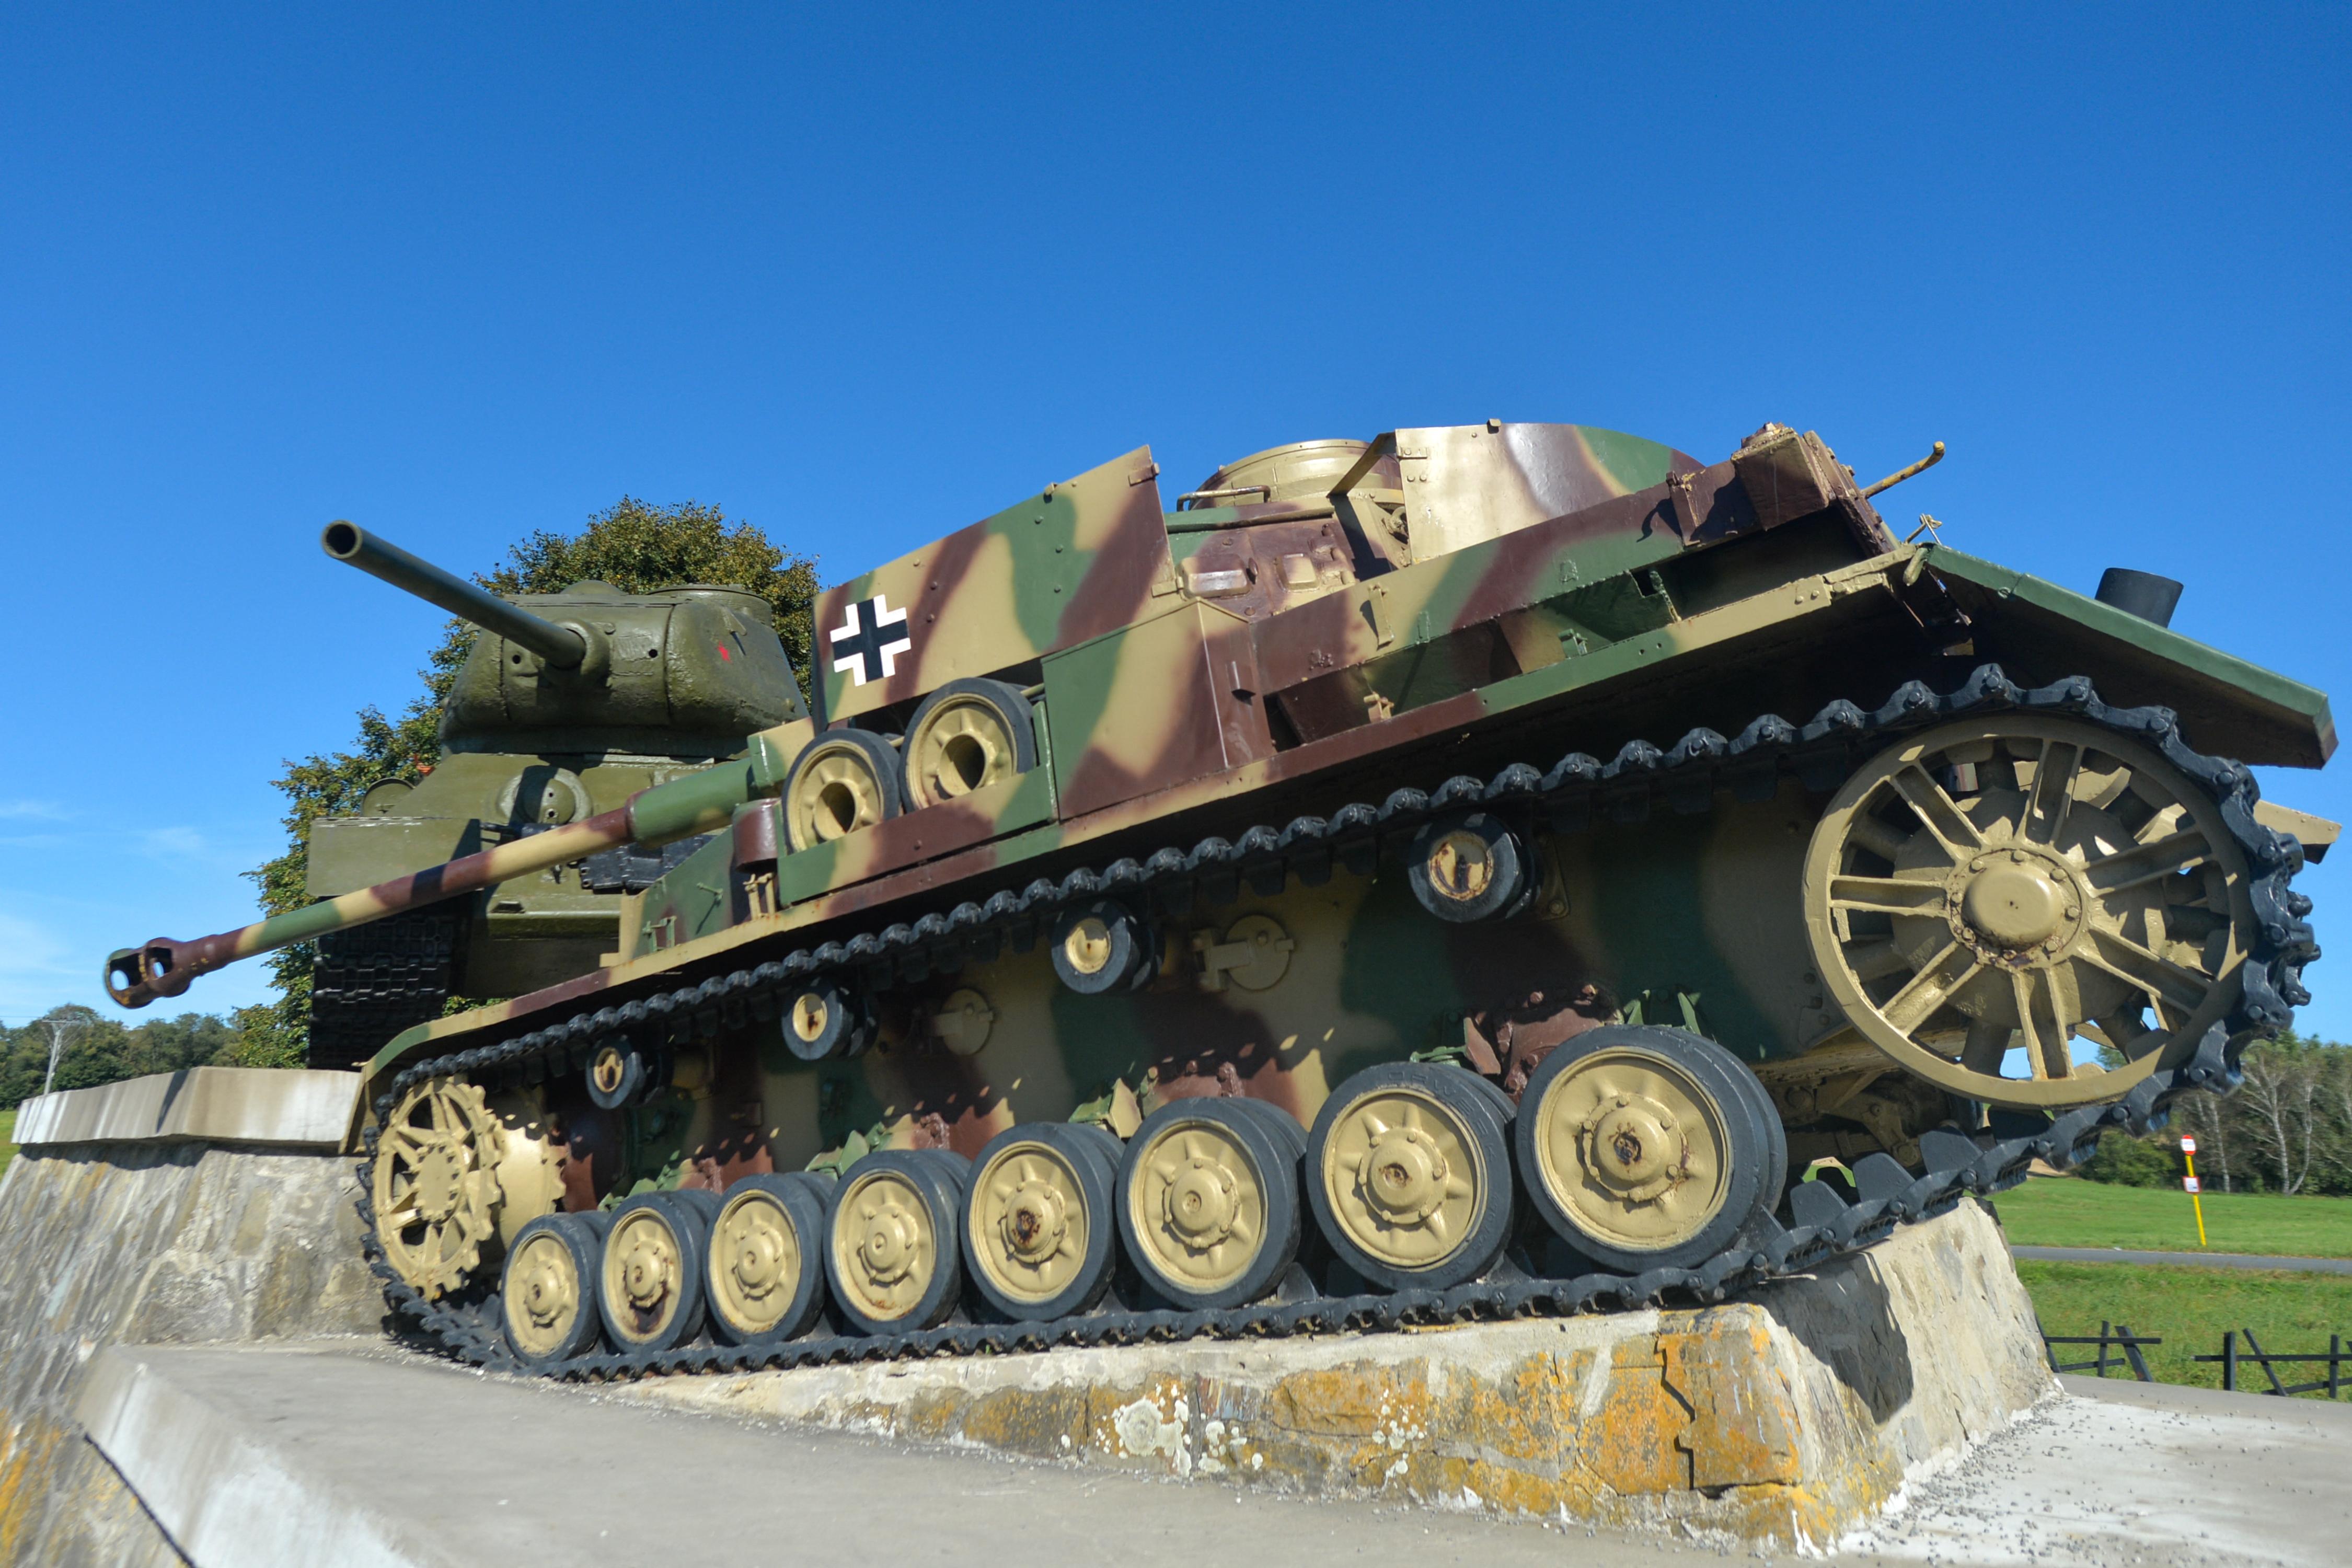 Elkoboztak egy II. világháborús tankot egy német nyugdíjastól, de nem jut dűlőre a bíróság, hogy mi legyen vele